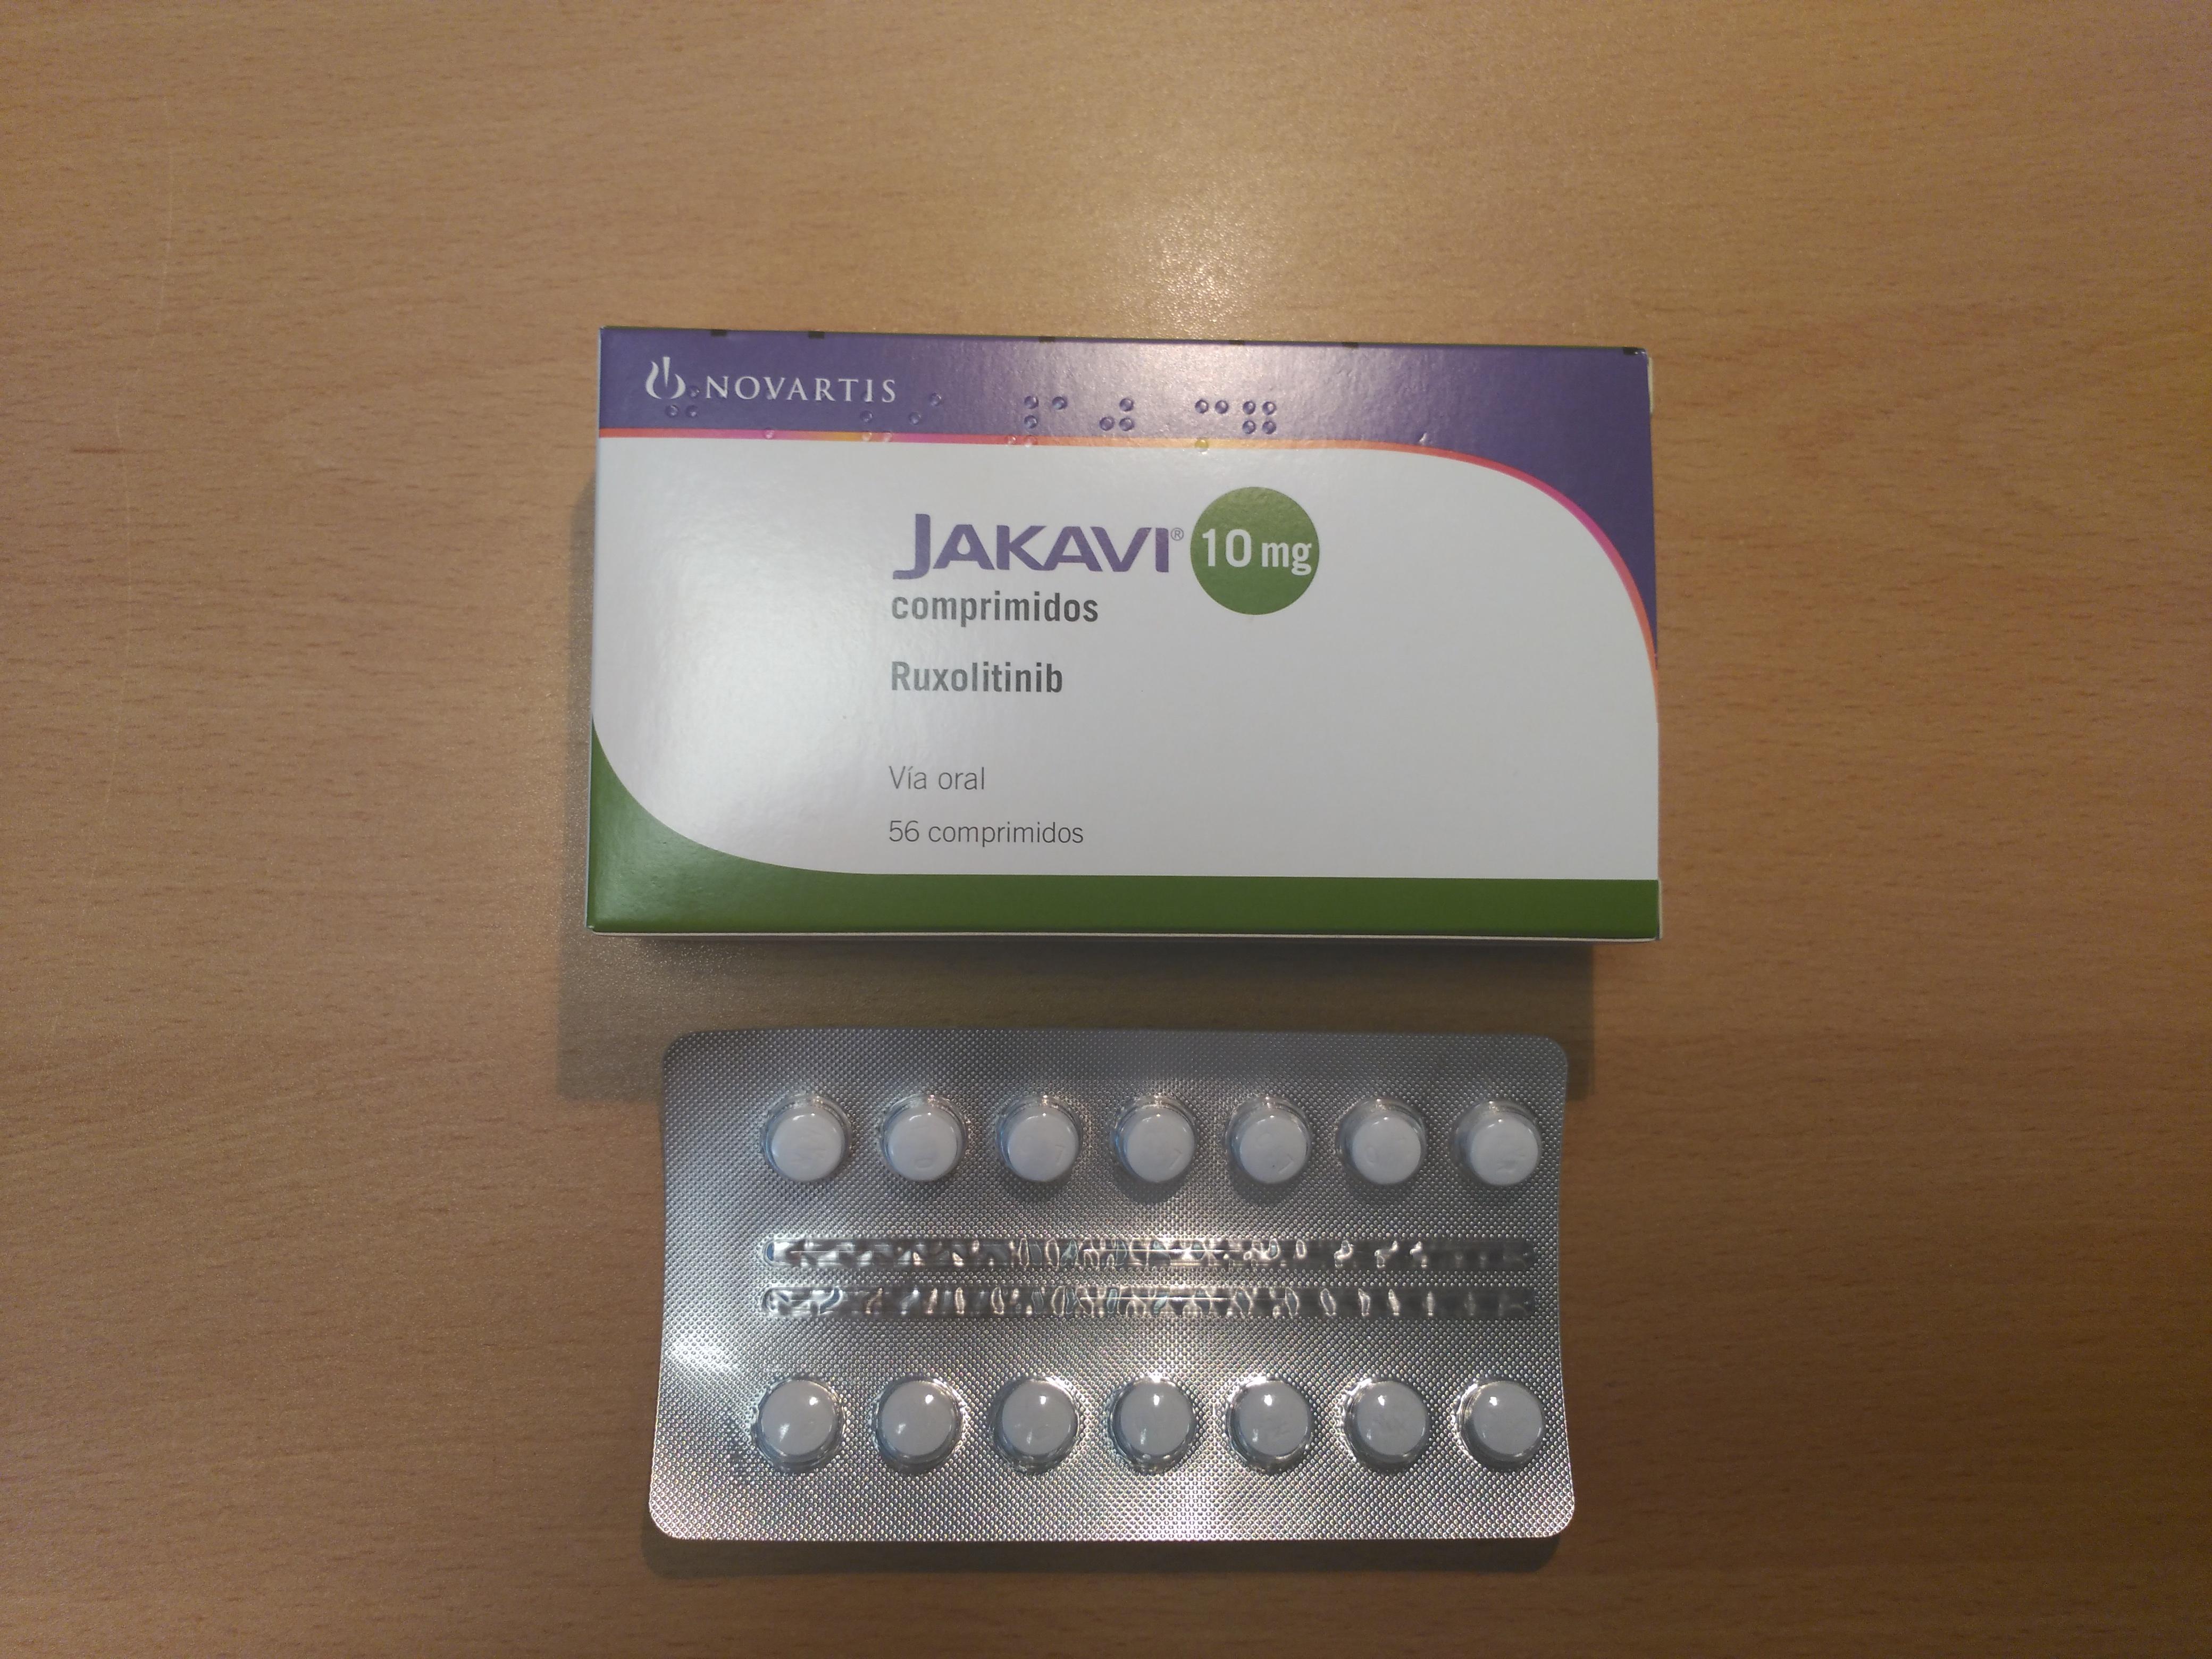 jakavi-ruxolitinib